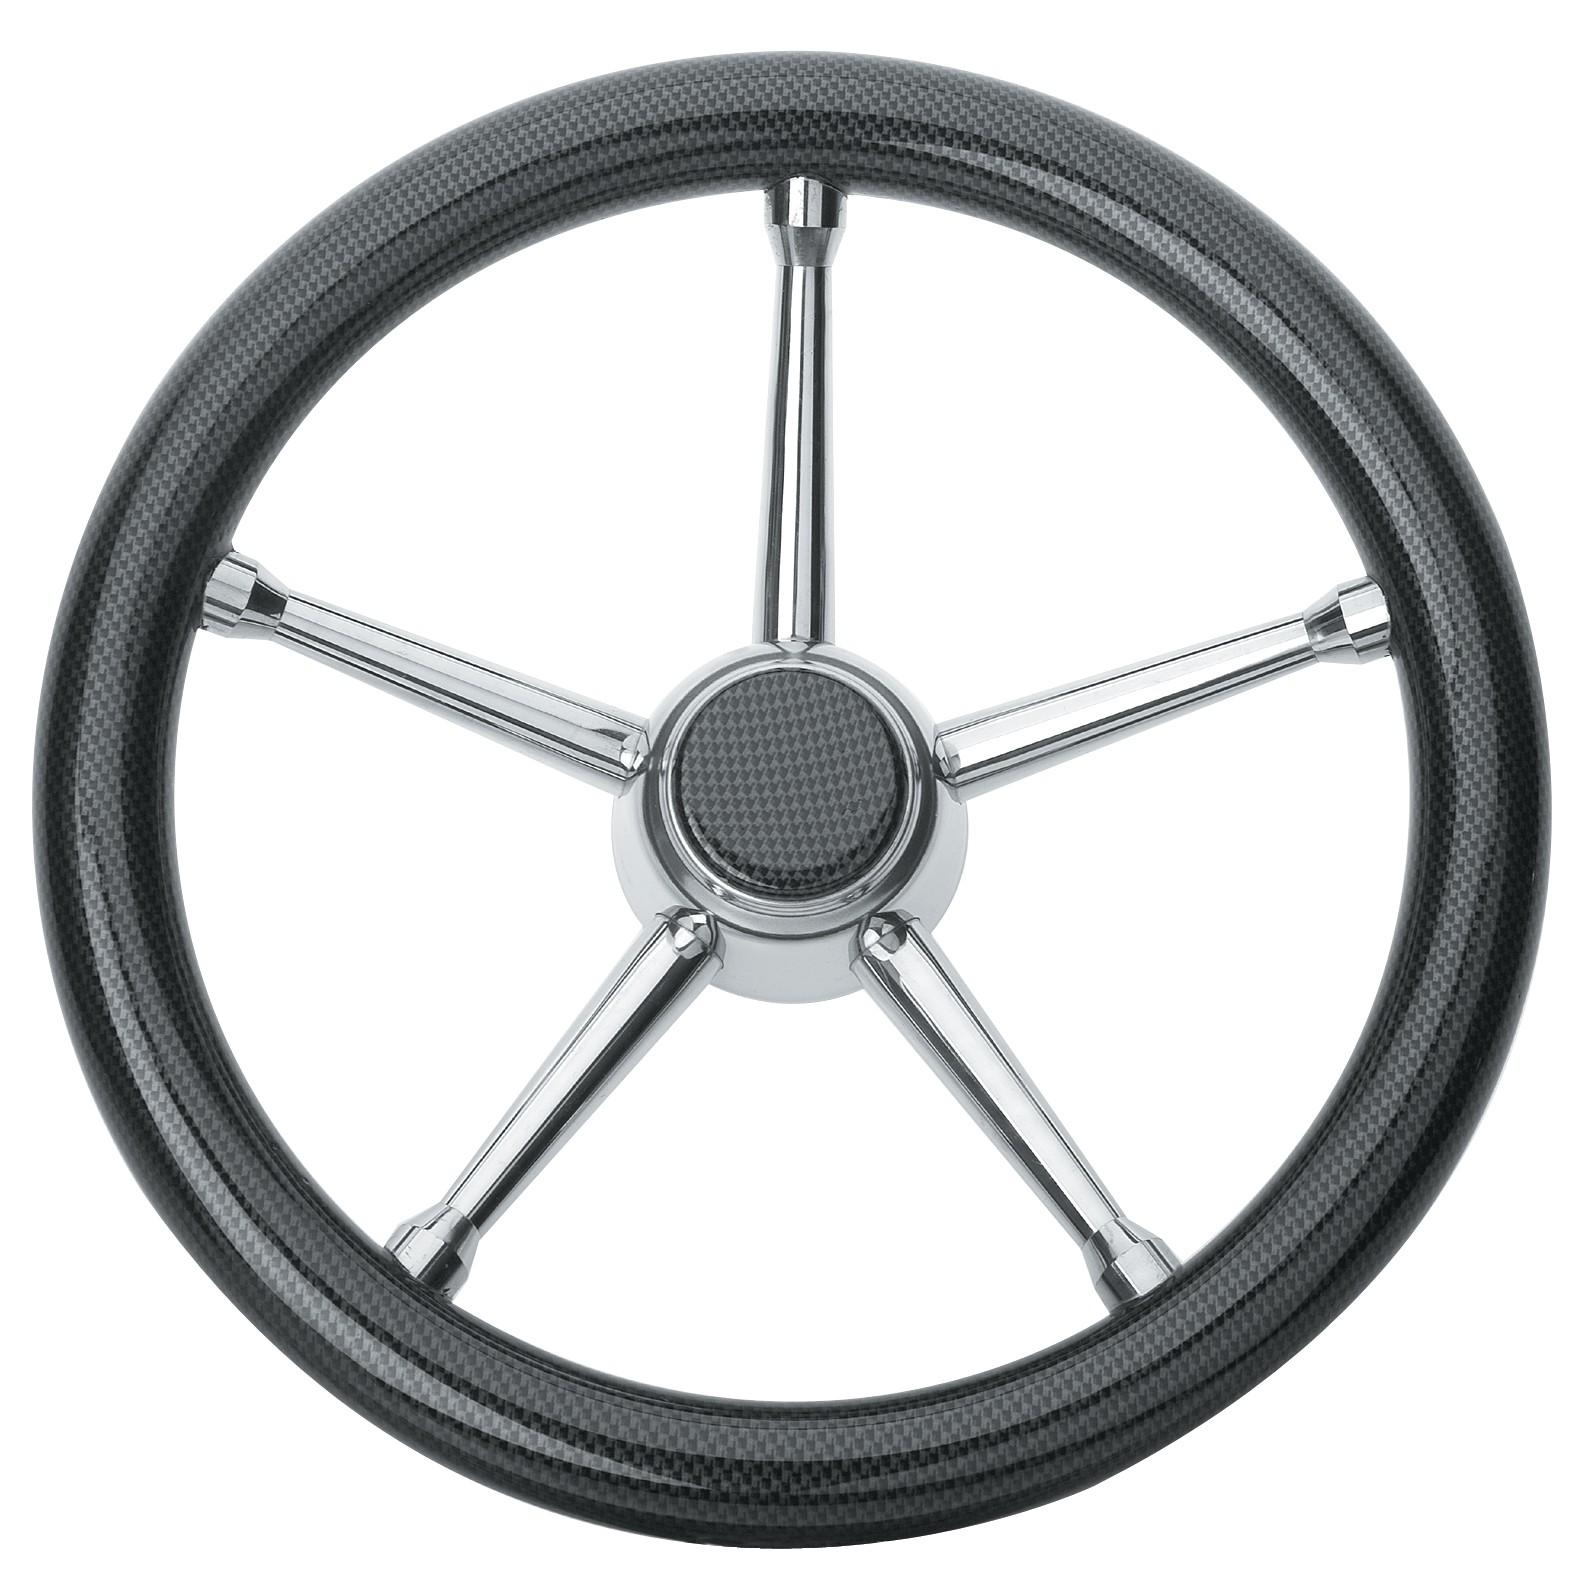 152.97 - Τιμόνι Πολυκαρμπονικό Με Inox Ακτίνες Χρώμα Carbon Ø350mm